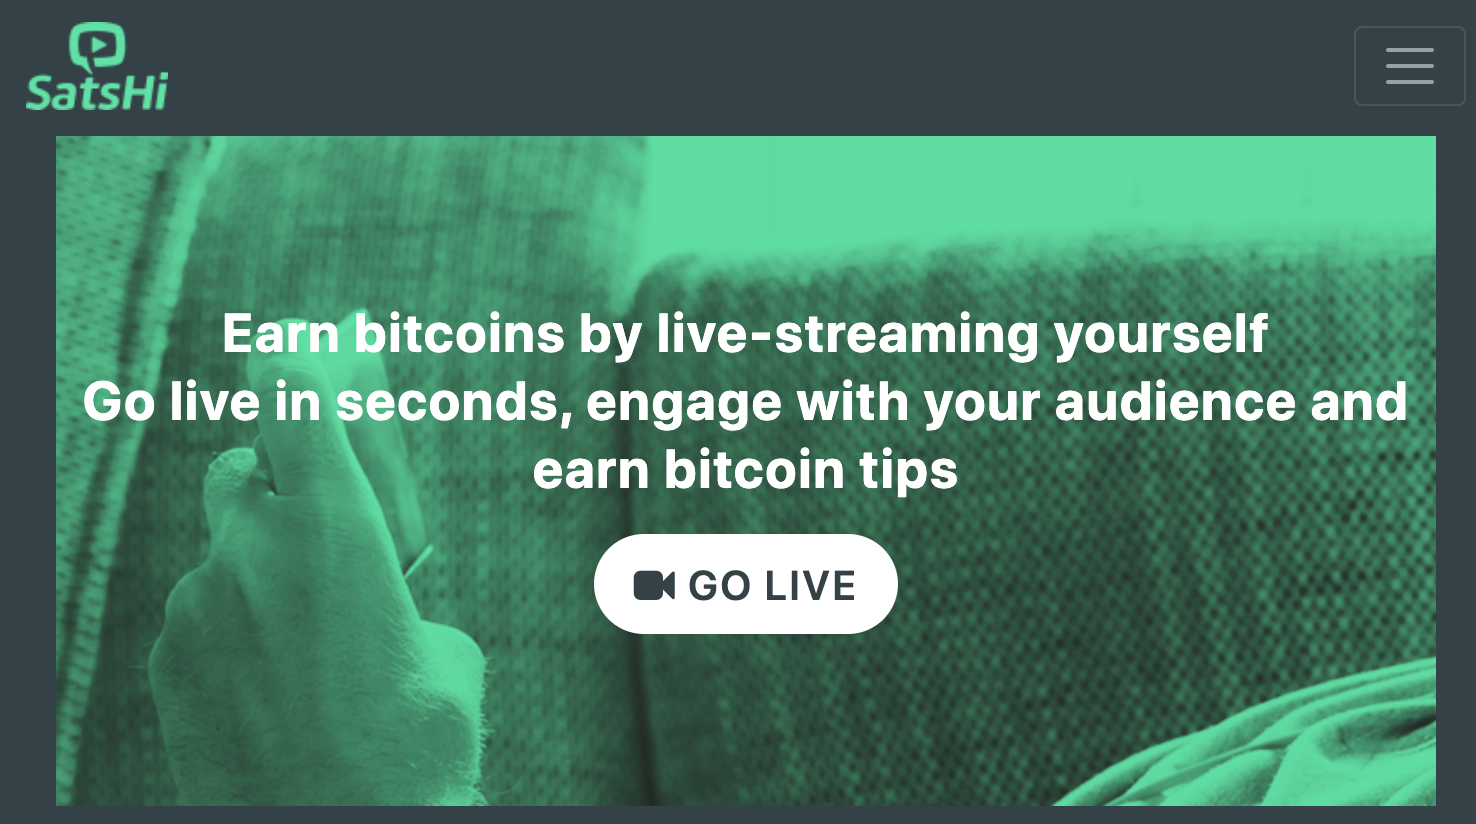 nemokami bitkoinai, bitkoinai nemokamai Kaip užsidirbti pinigų bitcoin video